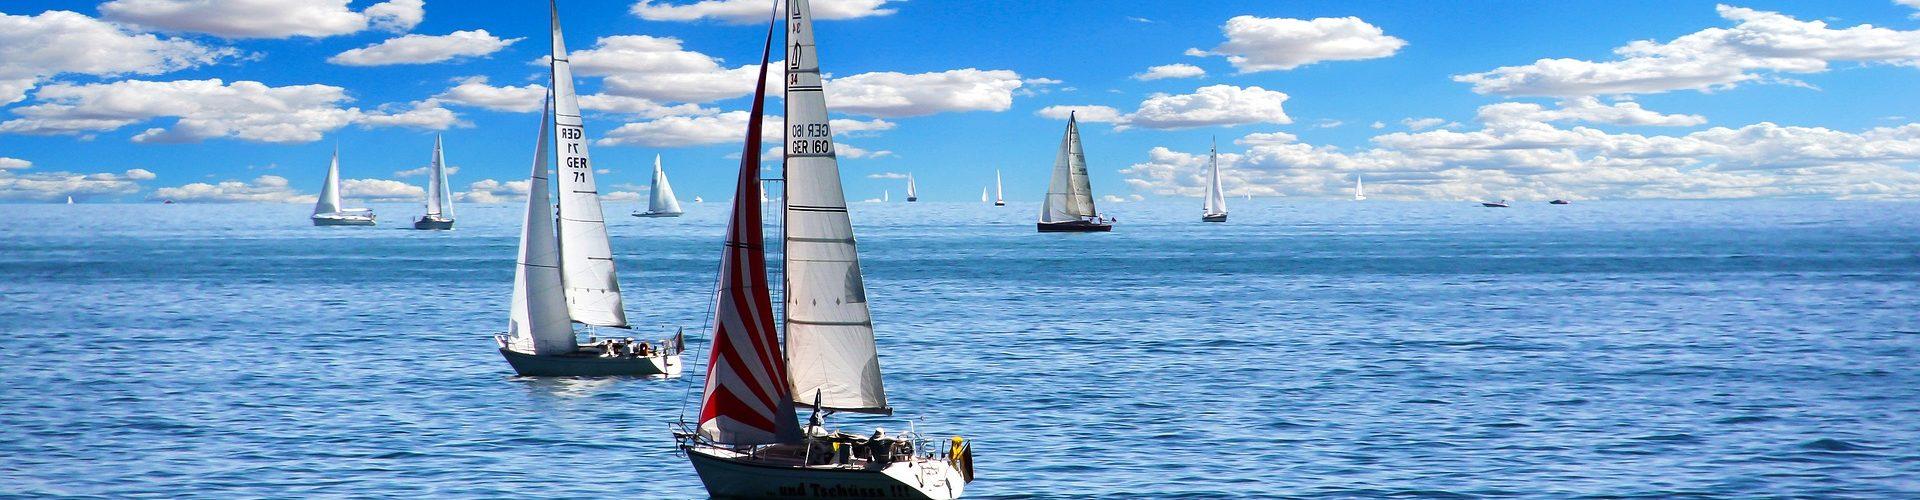 segeln lernen in Sand am Main segelschein machen in Sand am Main 1920x500 - Segeln lernen in Sand am Main